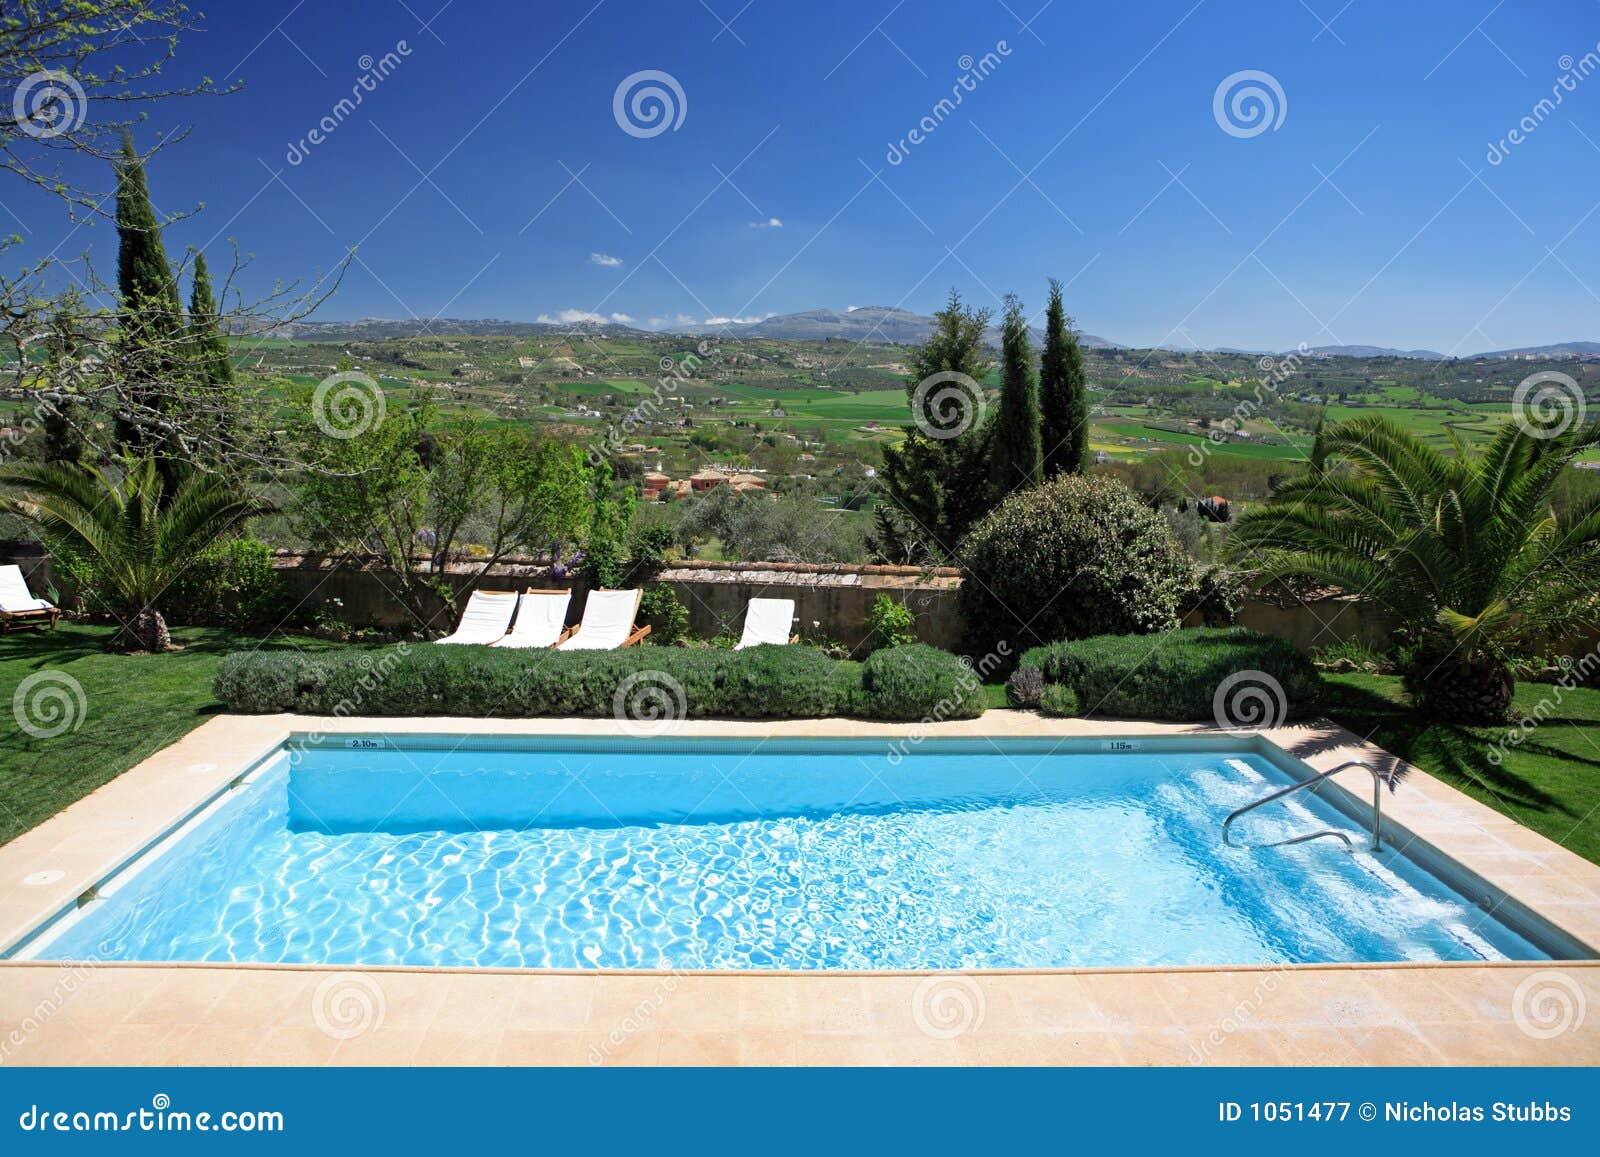 Hotel y piscina r sticos de lujo en campo fotograf a de for Piscinas en el campo